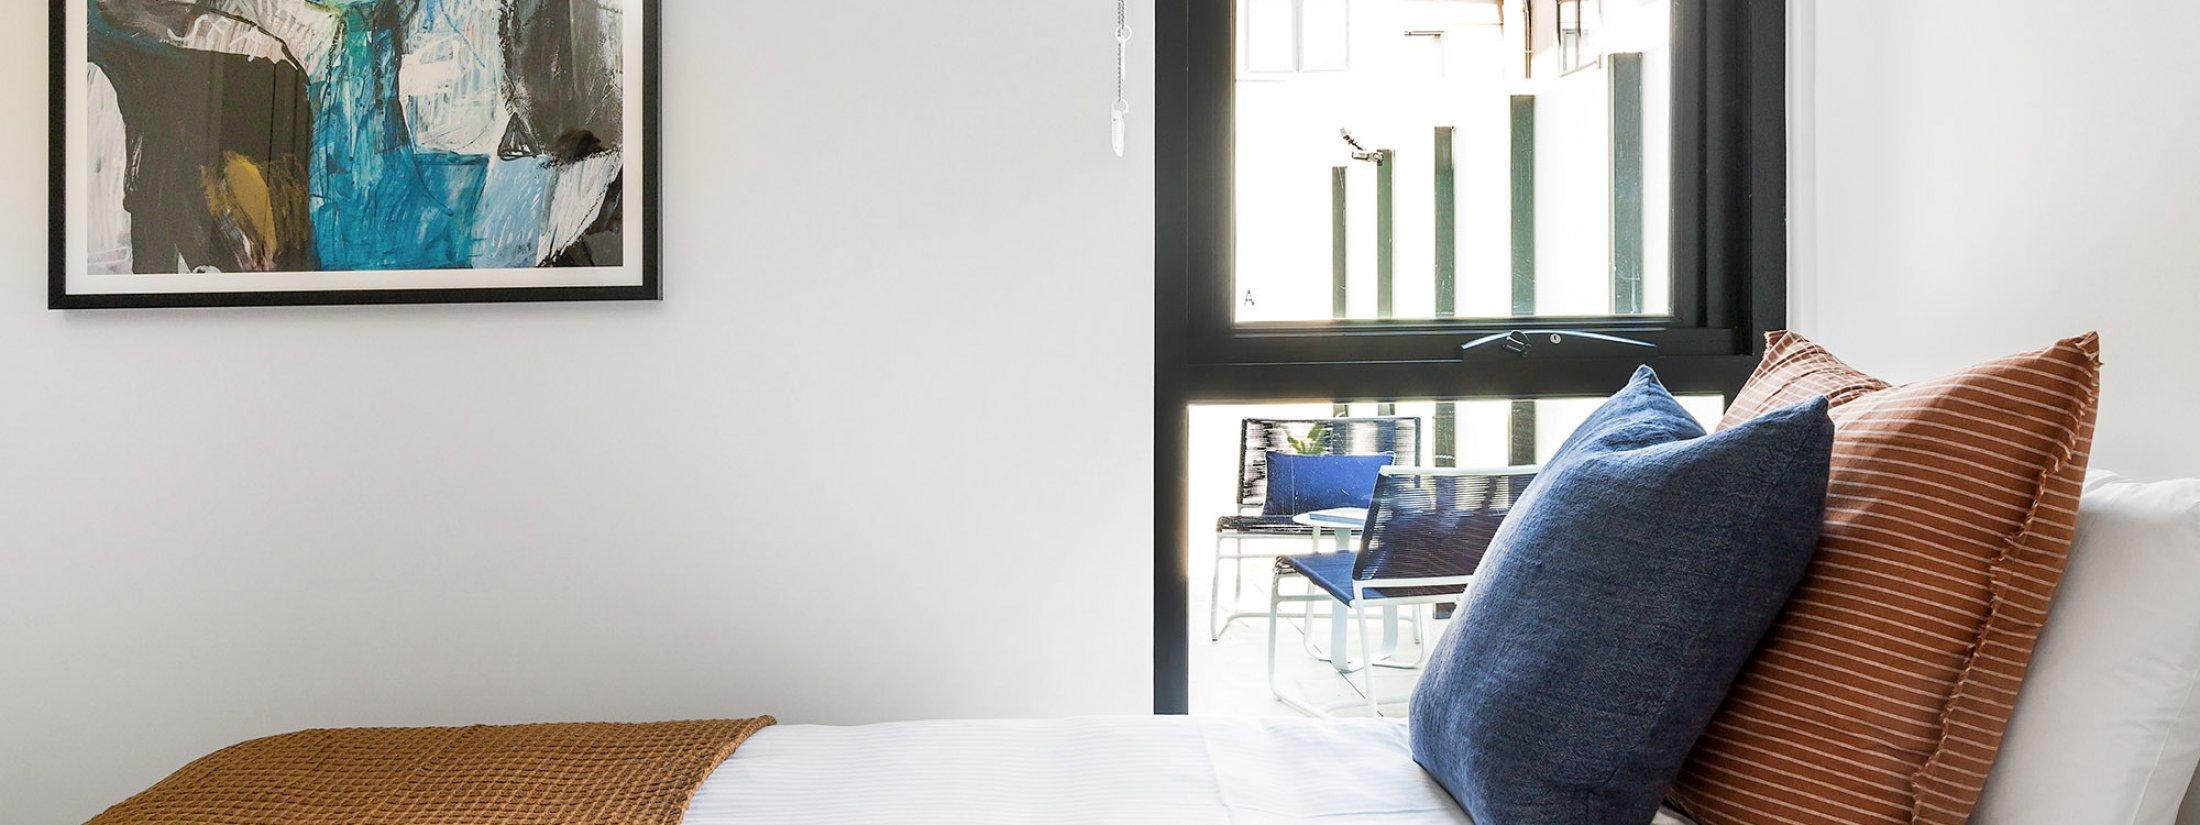 Axel Apartments - The Parkin - Glen Iris - Bedroom 2c